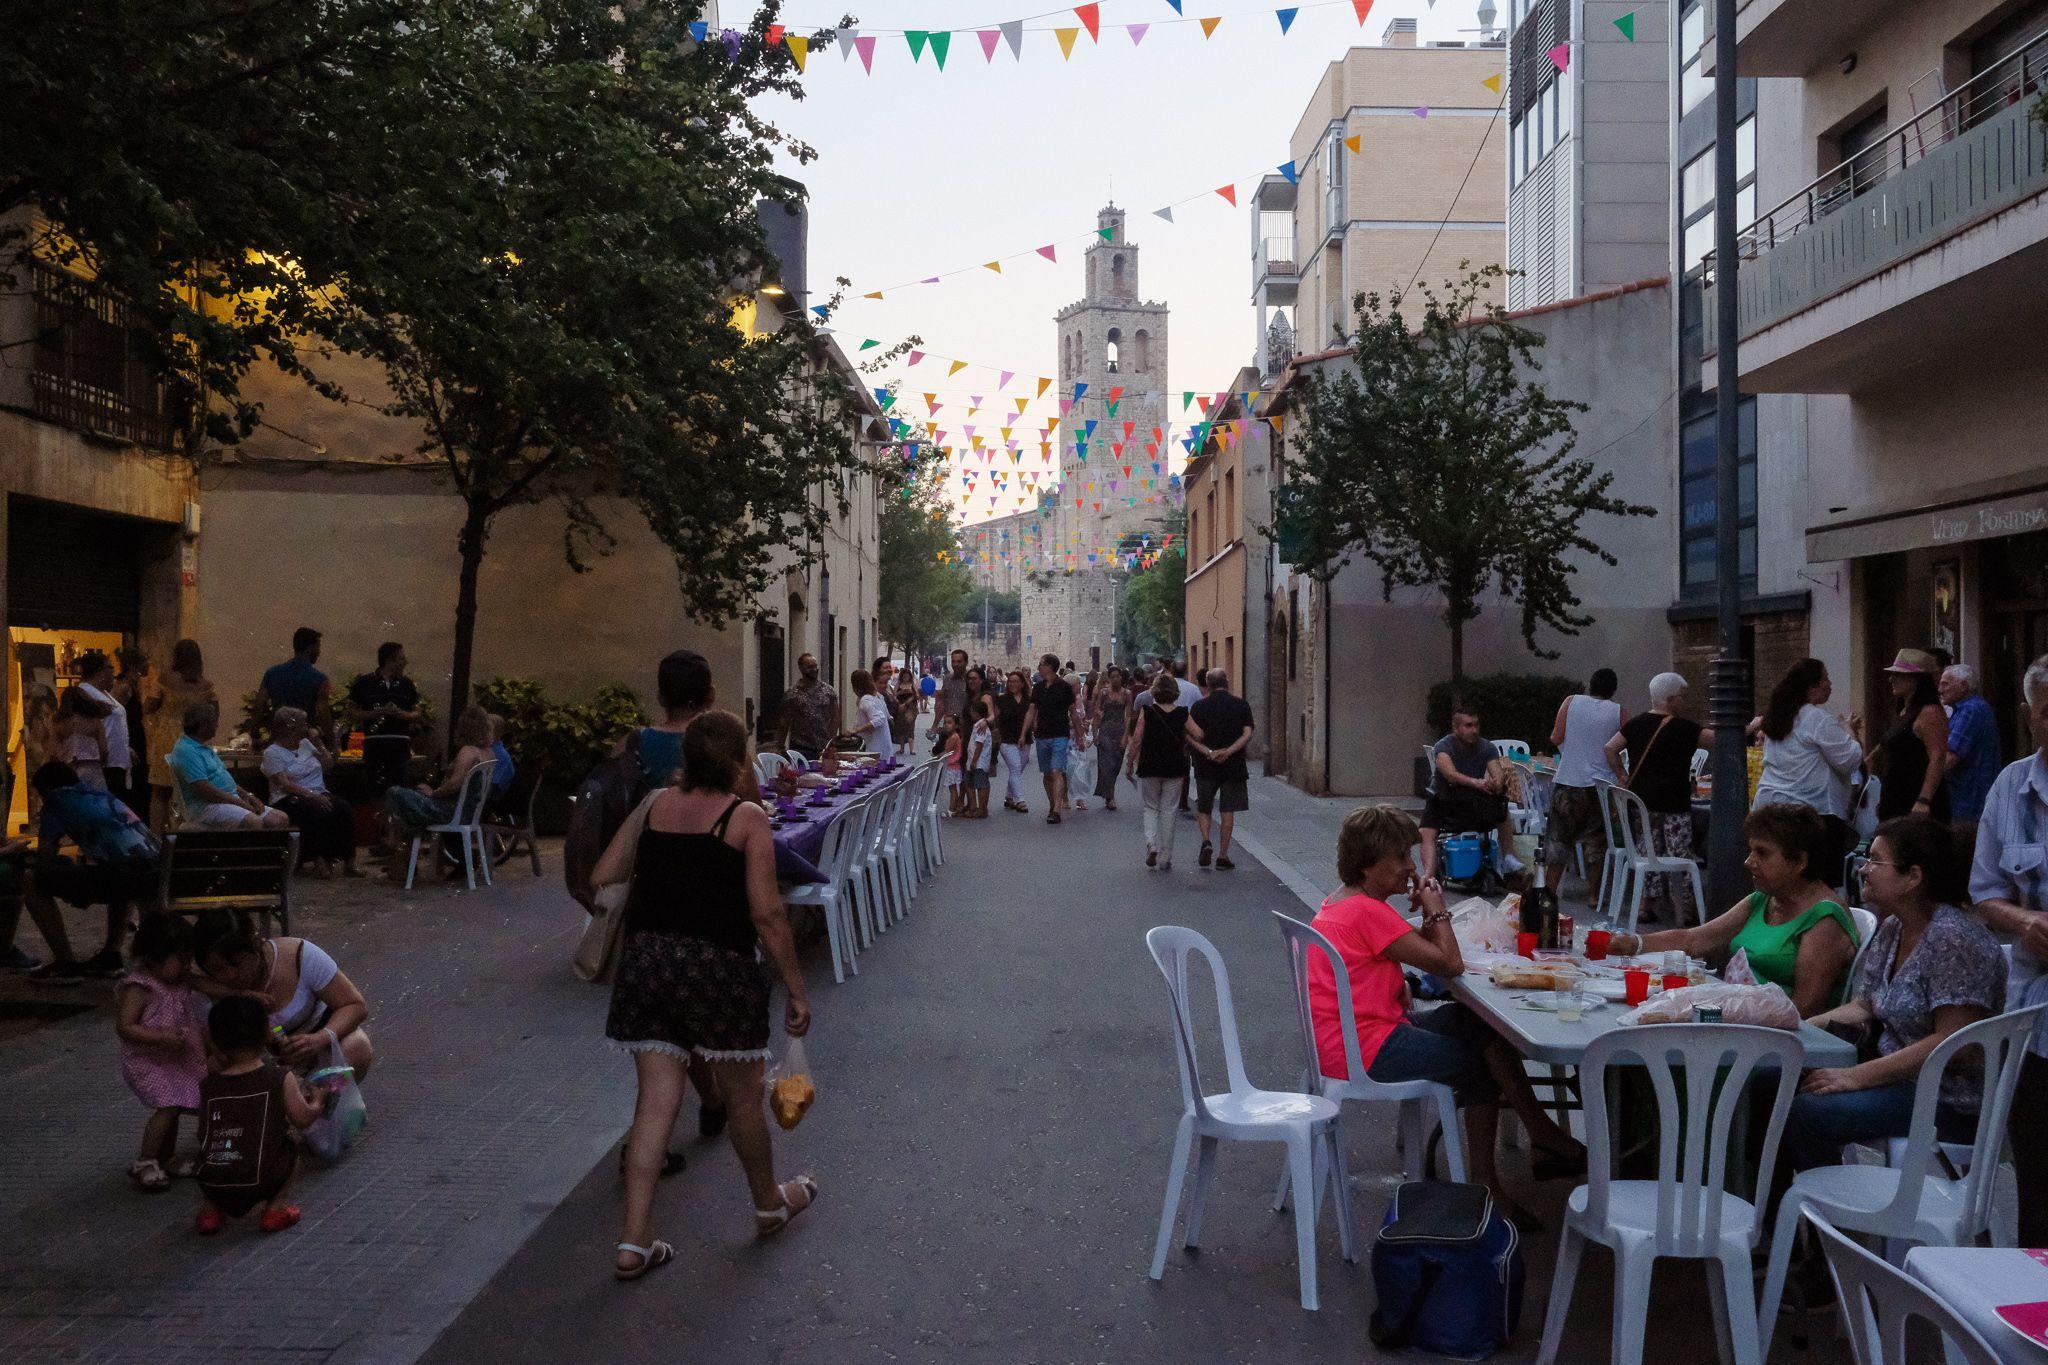 Sopar popular de barri. Foto: Alex Gómez